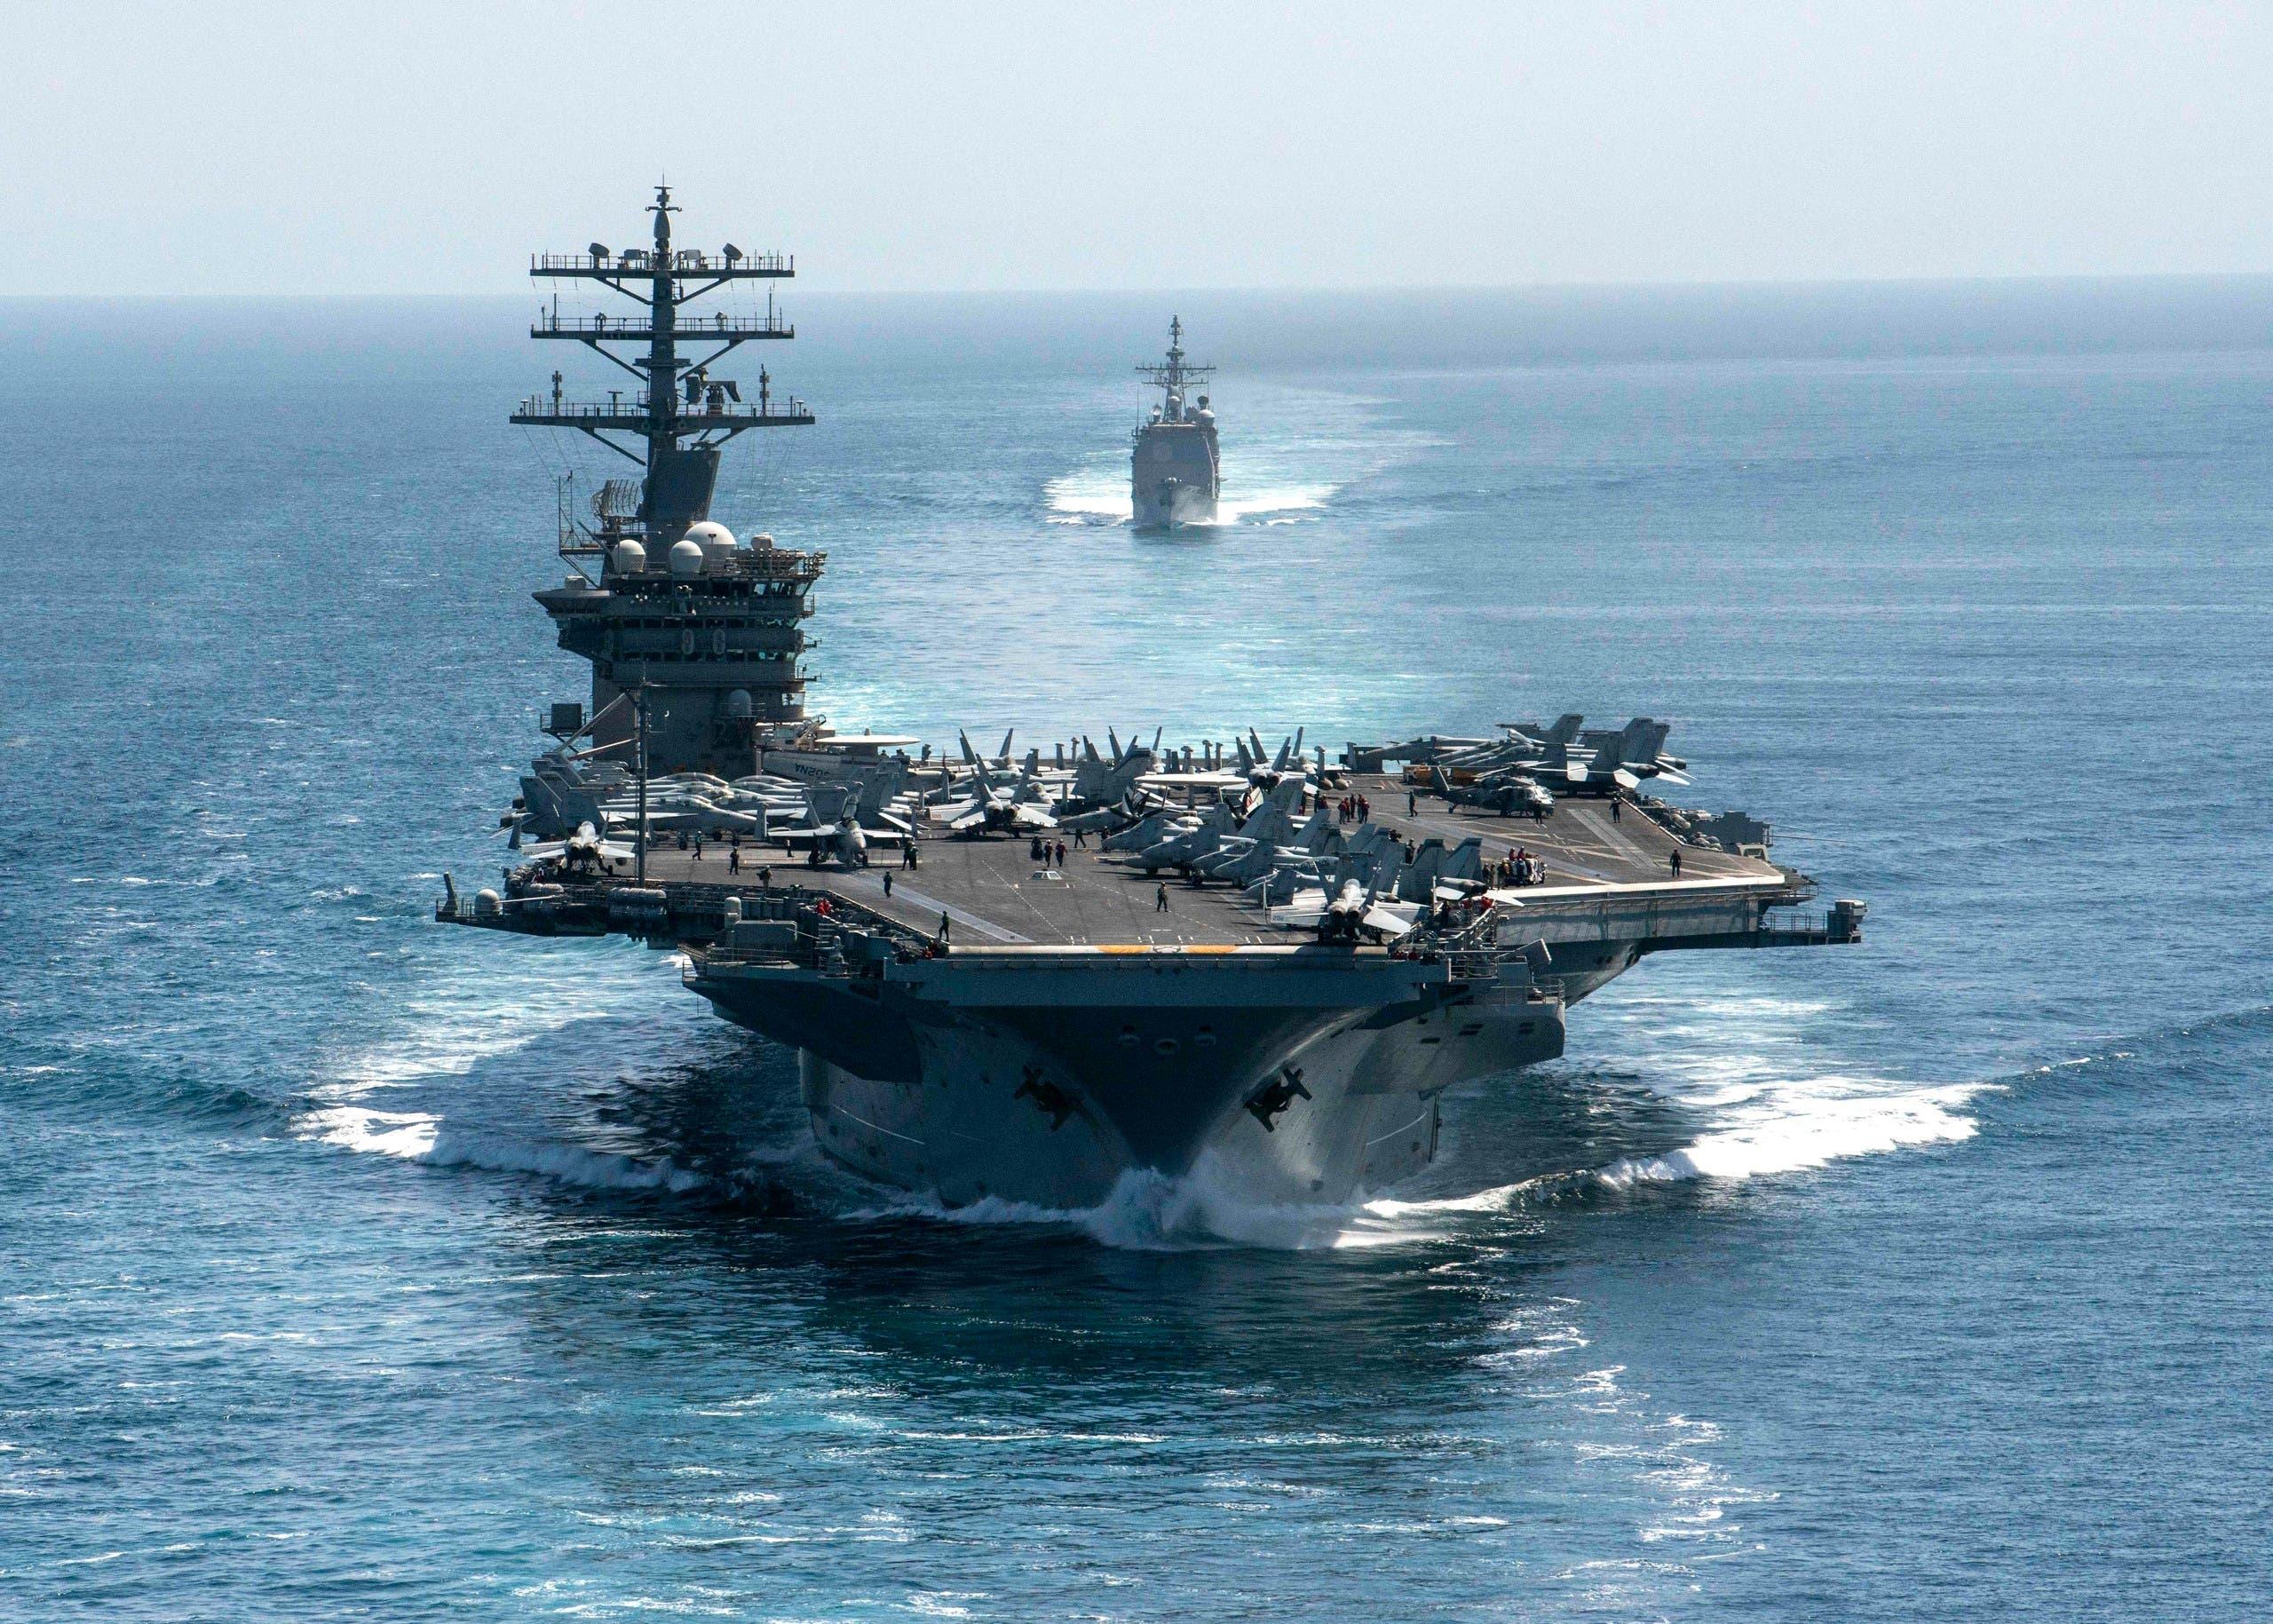 ناو هواپیمابر آمریکایی USS Nimitz (بایگانی - فرانس پرس)